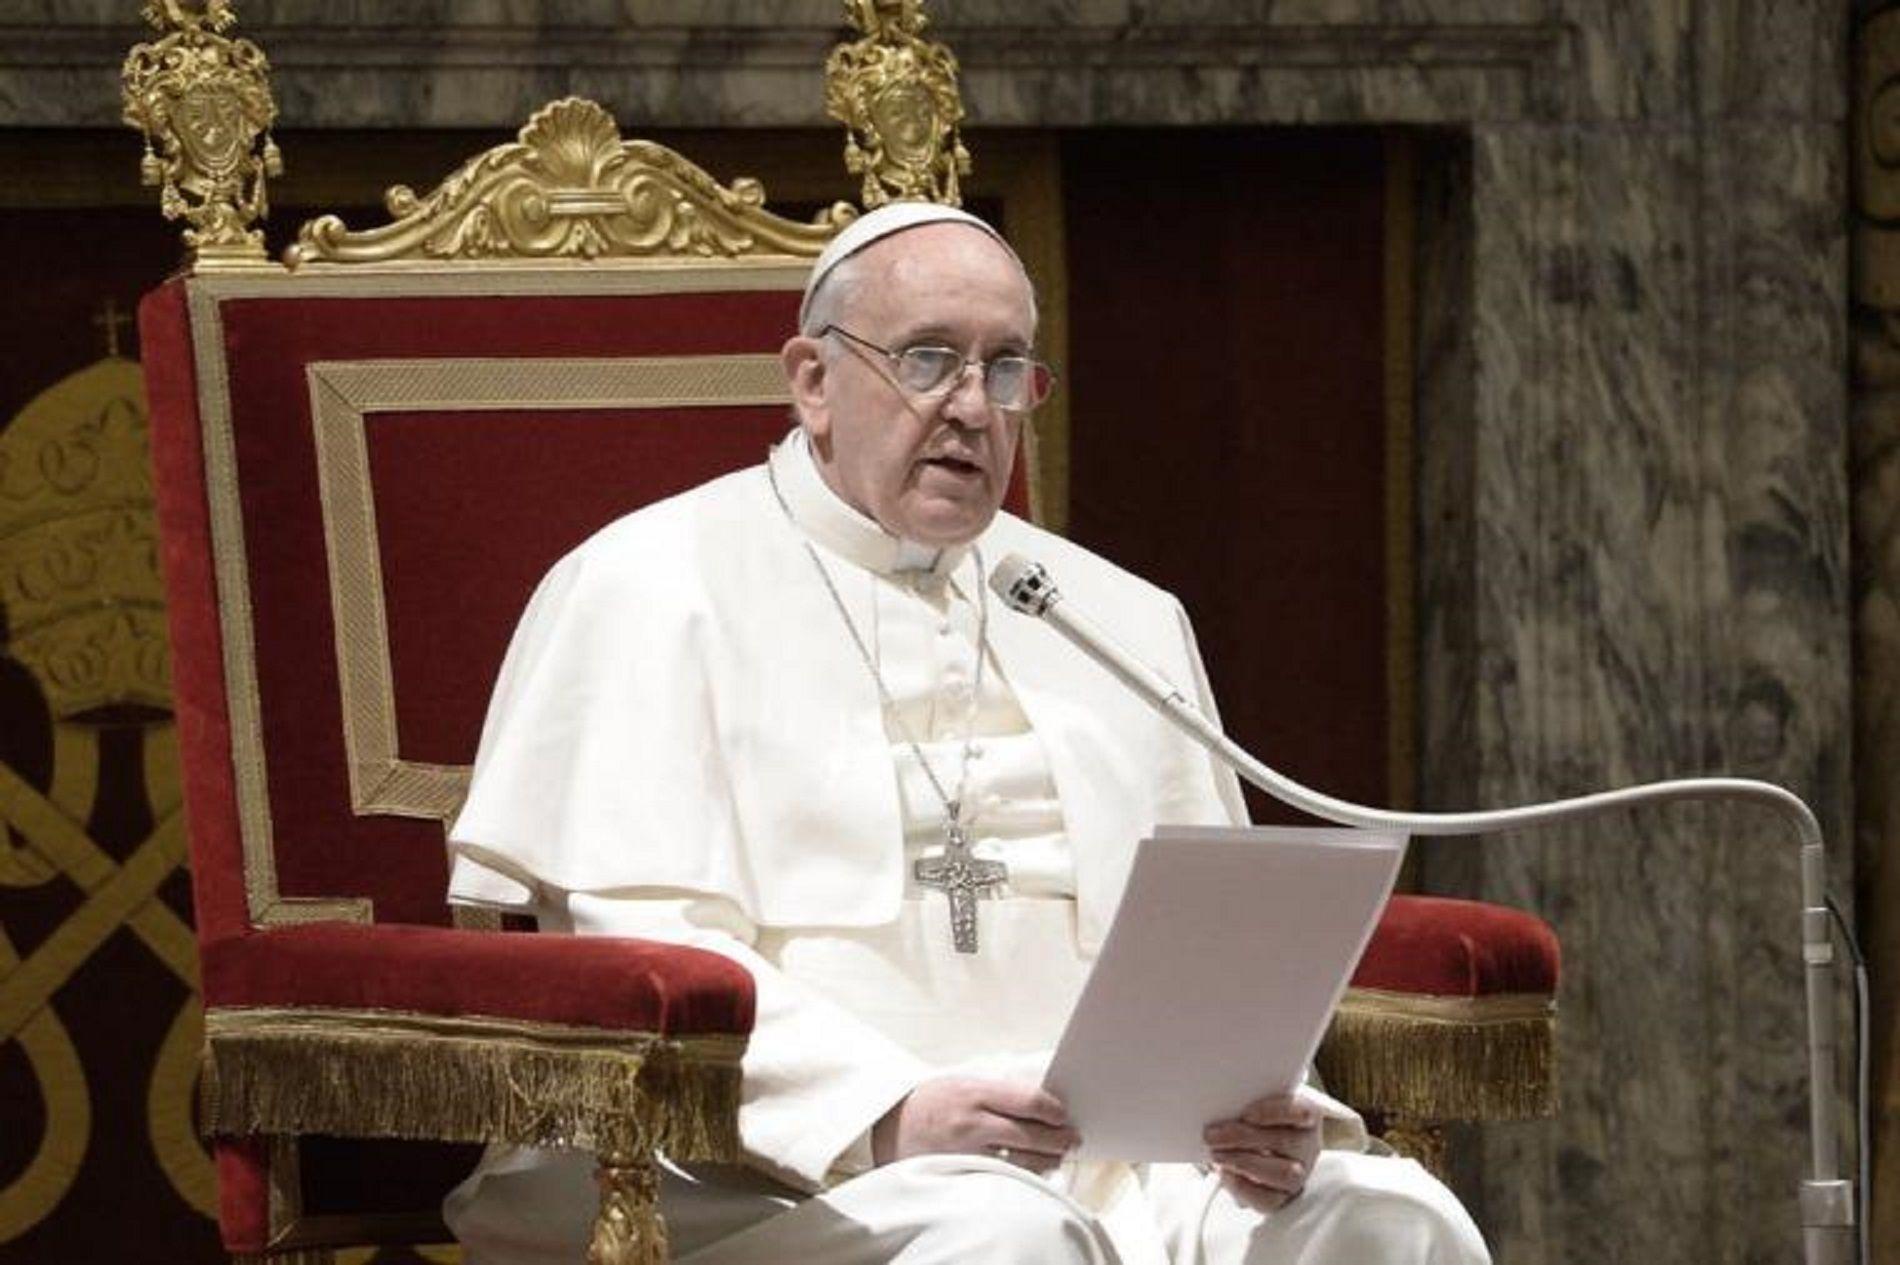 El Papa repudió la masacre de Orlando: Es odio sin sentido